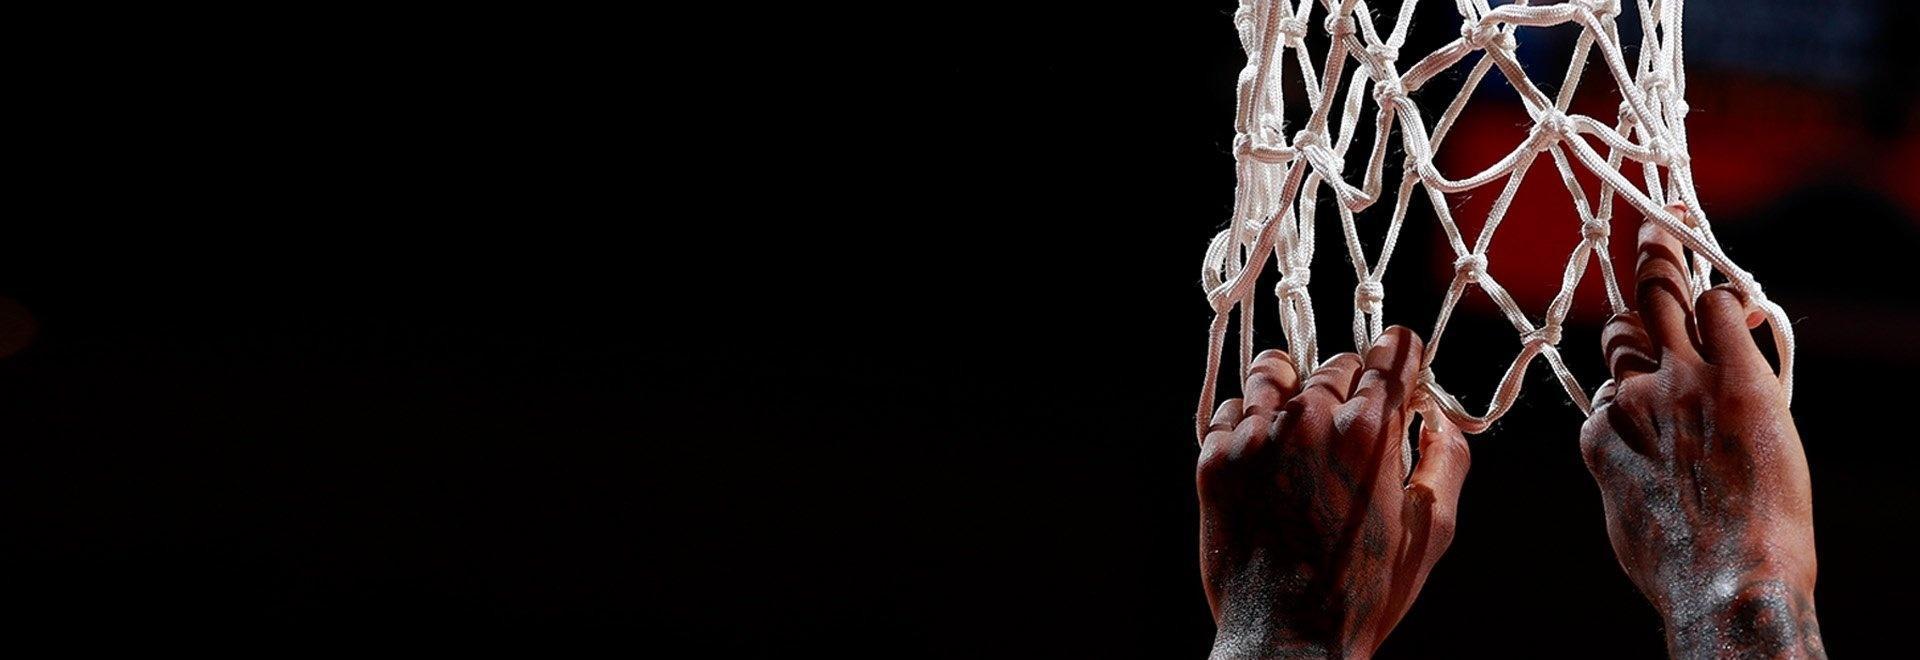 Nets - Sixers 20/02/20